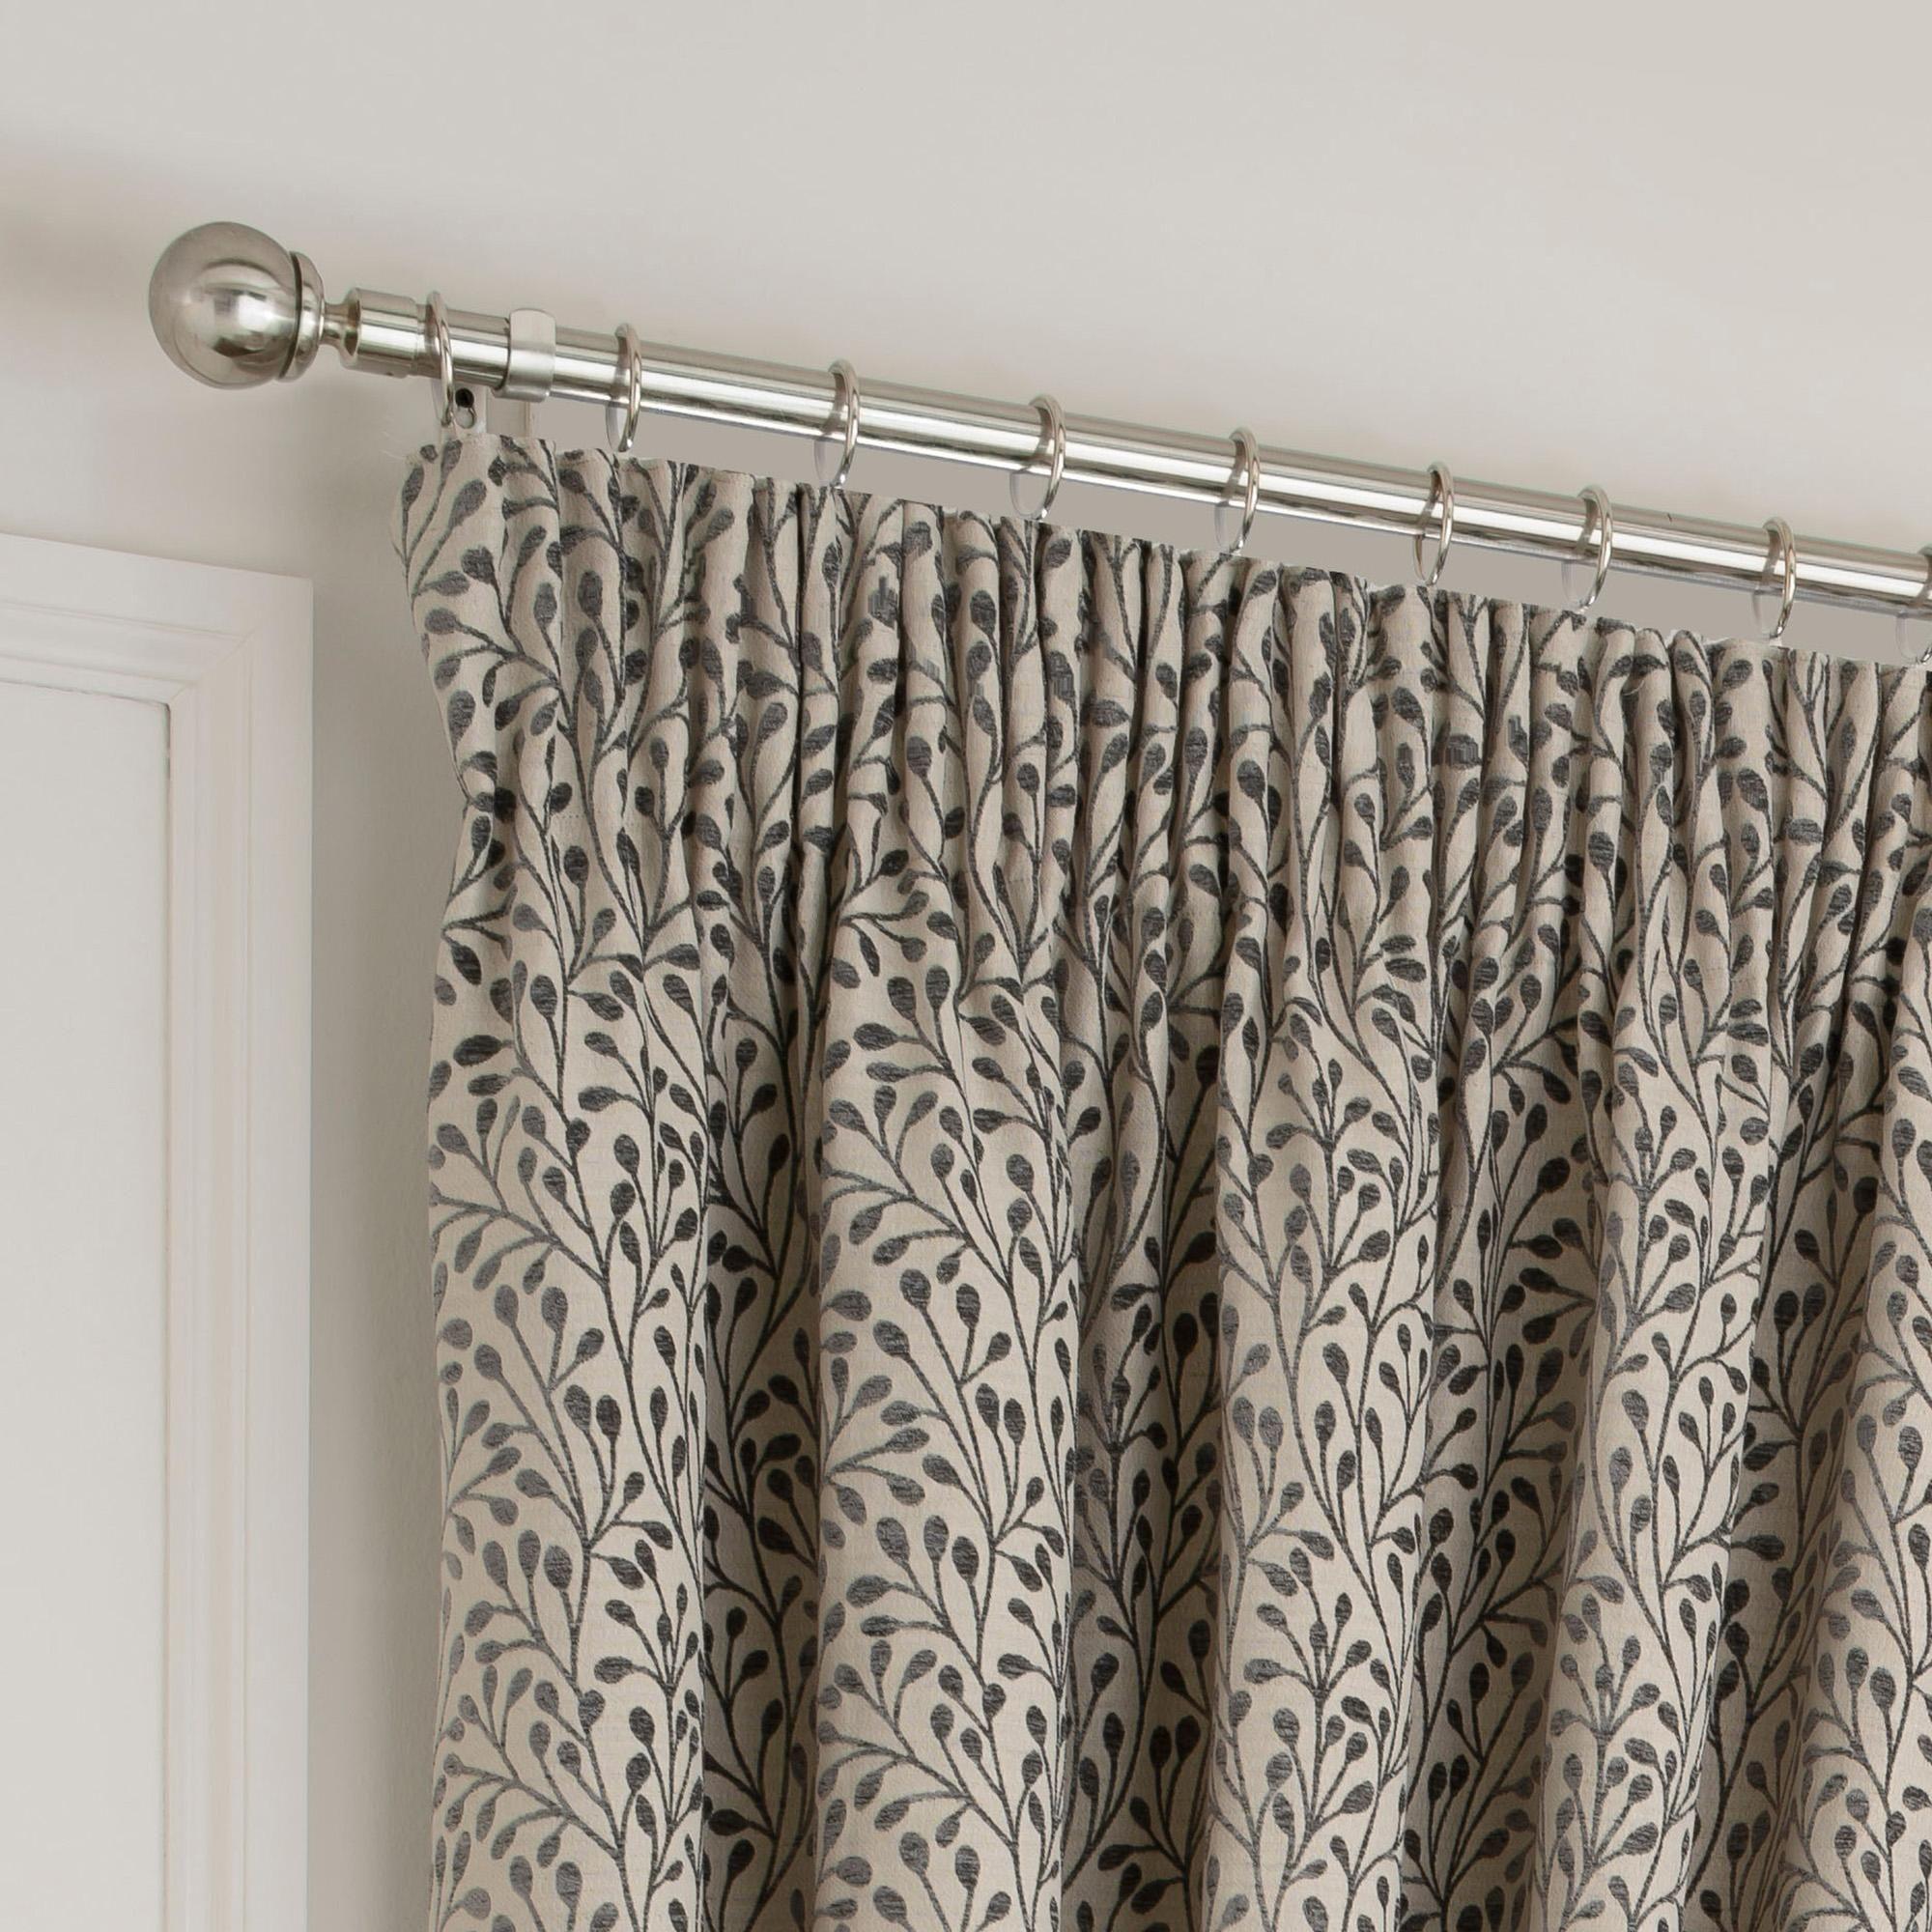 Dunelm Willow Grey Cotton Pencil Pleat Curtains (W 228cm